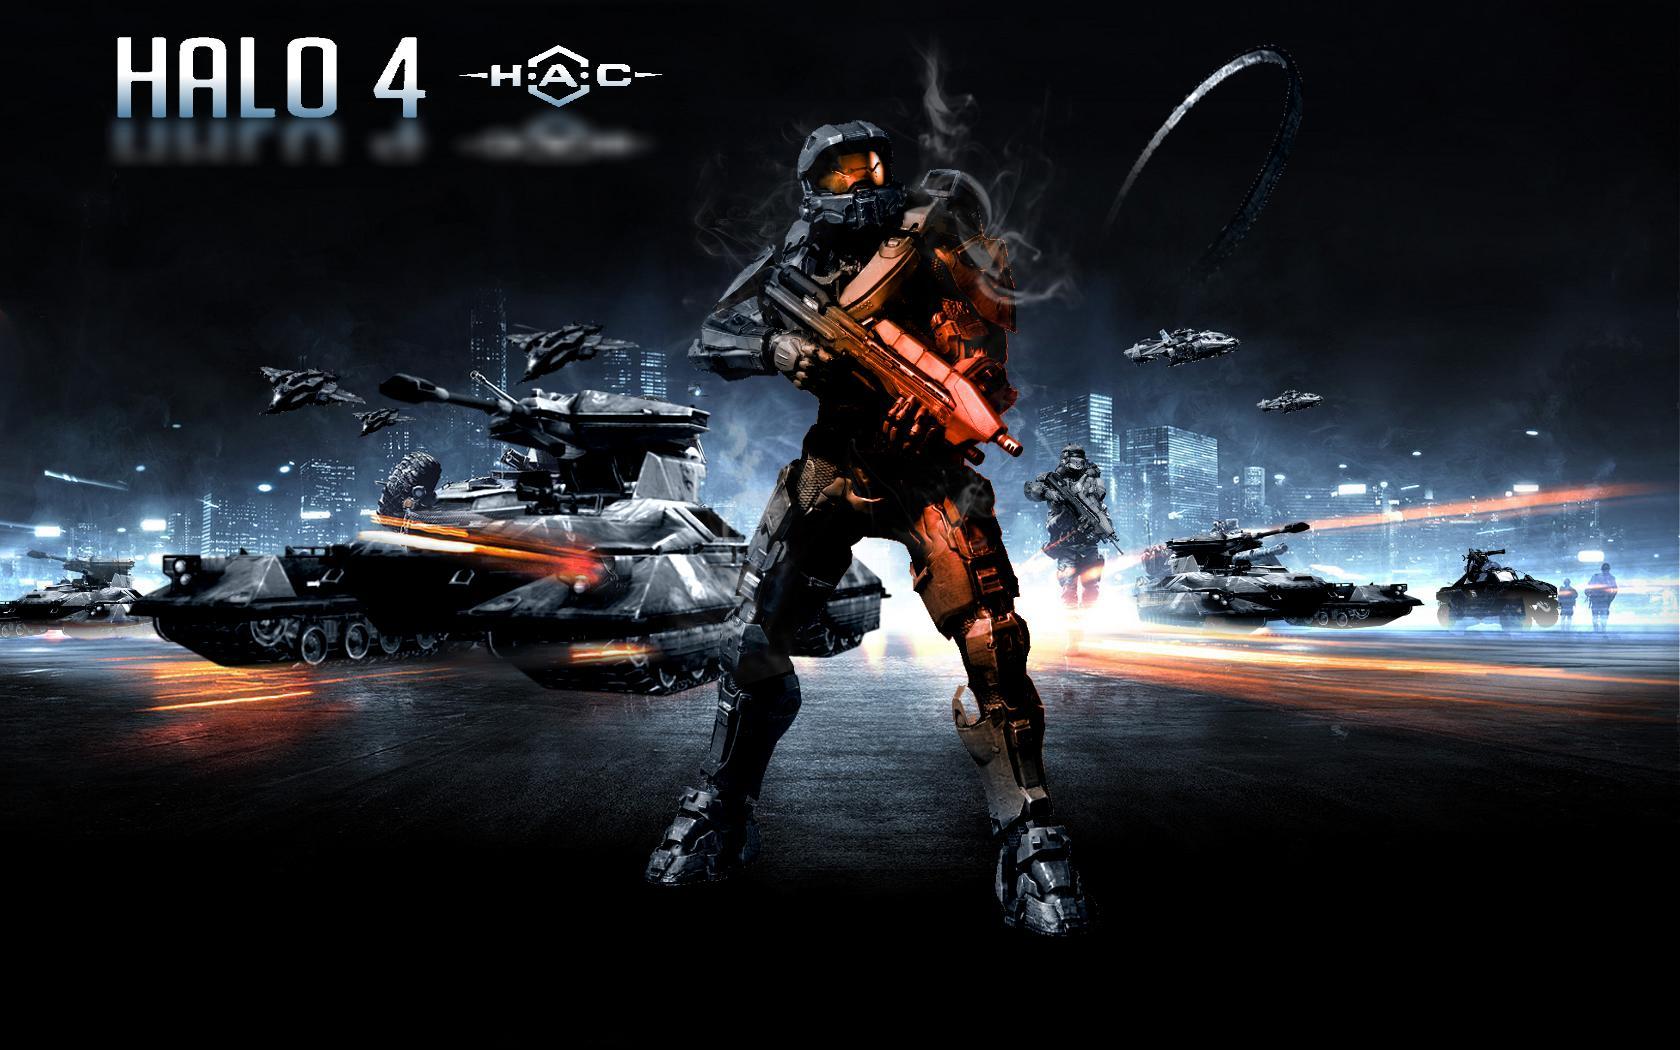 Description Halo 4 Wallpaper is a hi res Wallpaper for pc desktops 1680x1050